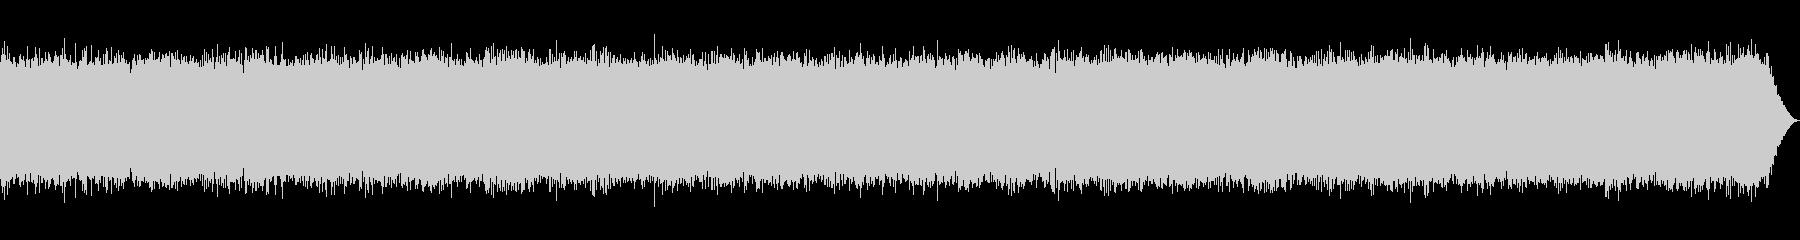 冷蔵庫の中の音01(5分-ローカット版)の未再生の波形